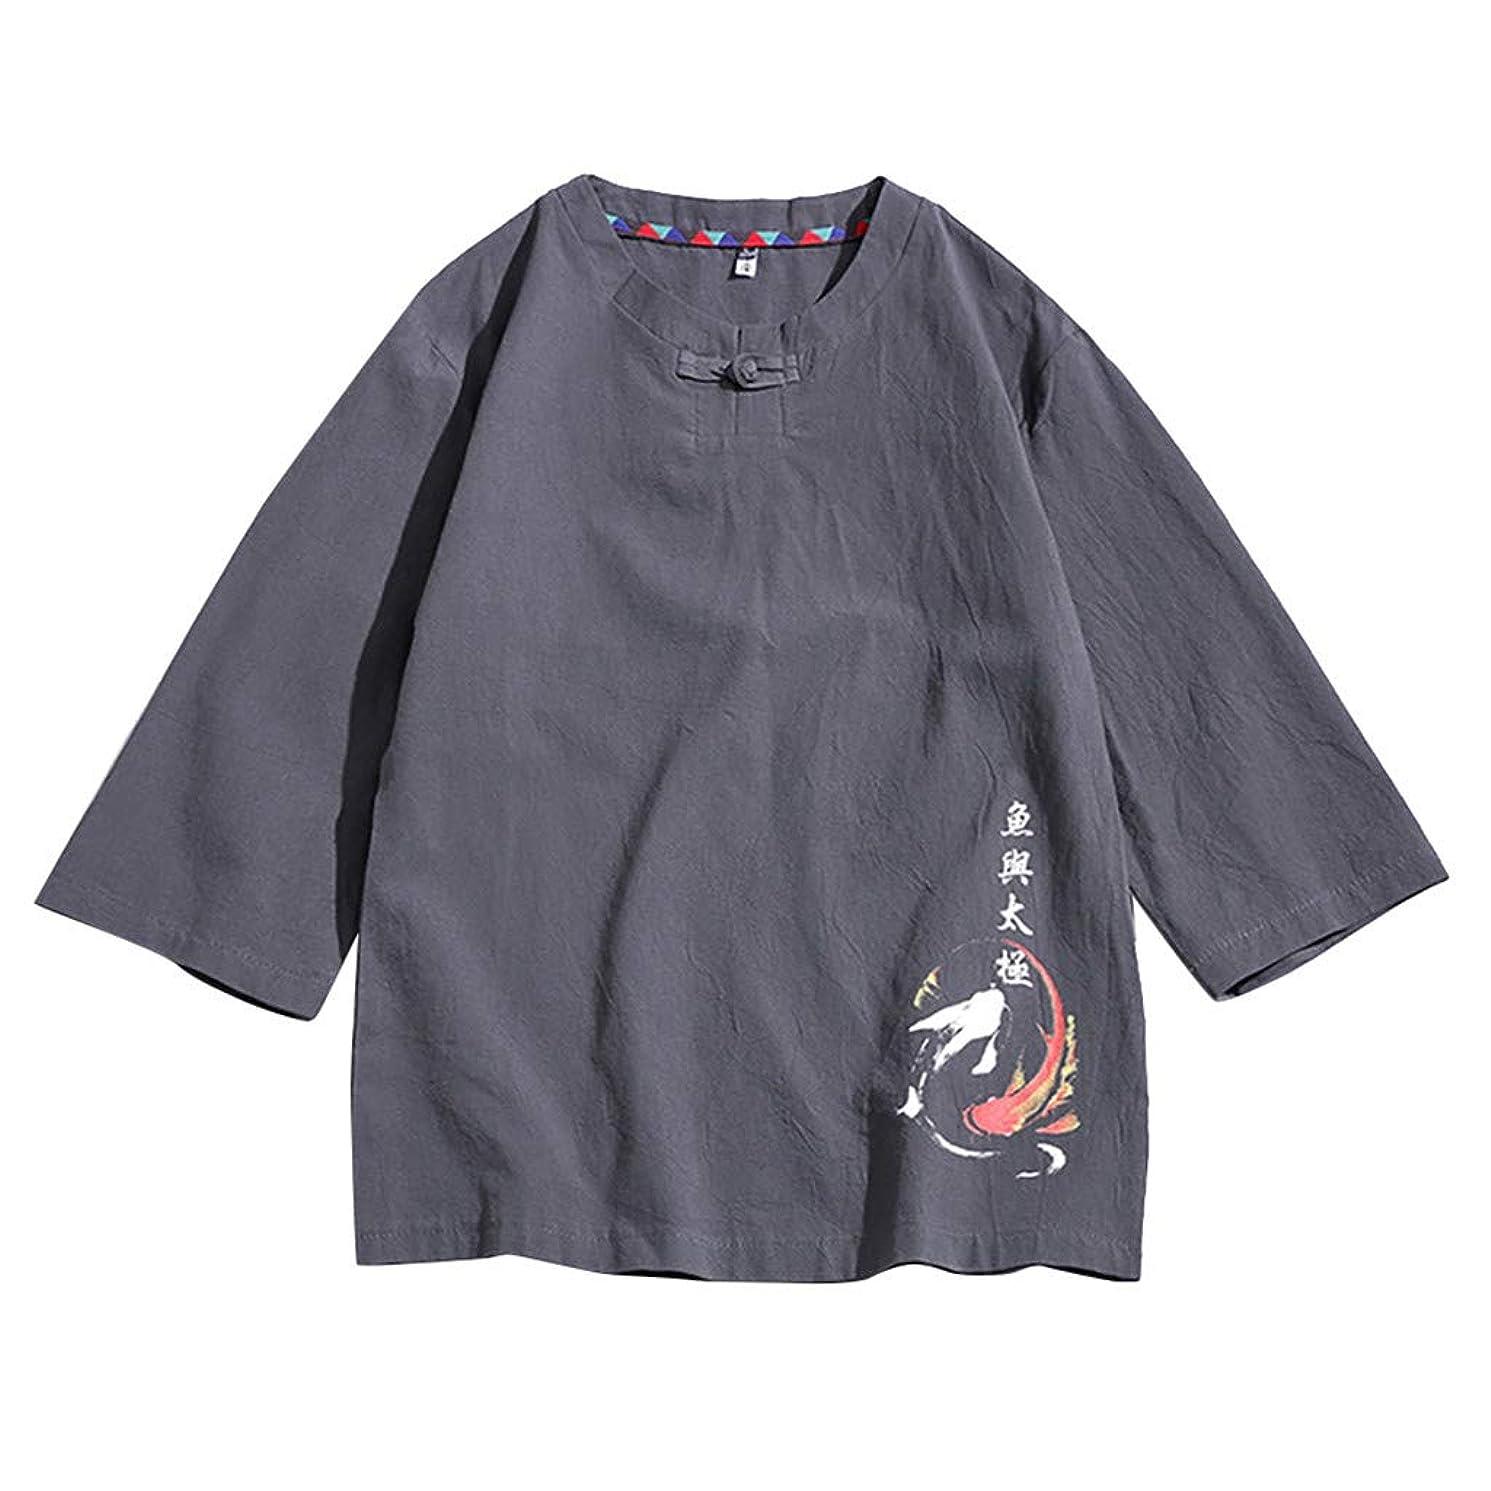 JJLIKER Men's Linen Henley Shirt Casual Short Sleeve T Shirt Pullovers Tees Summer Retro Comfort Tops Tee Blouse